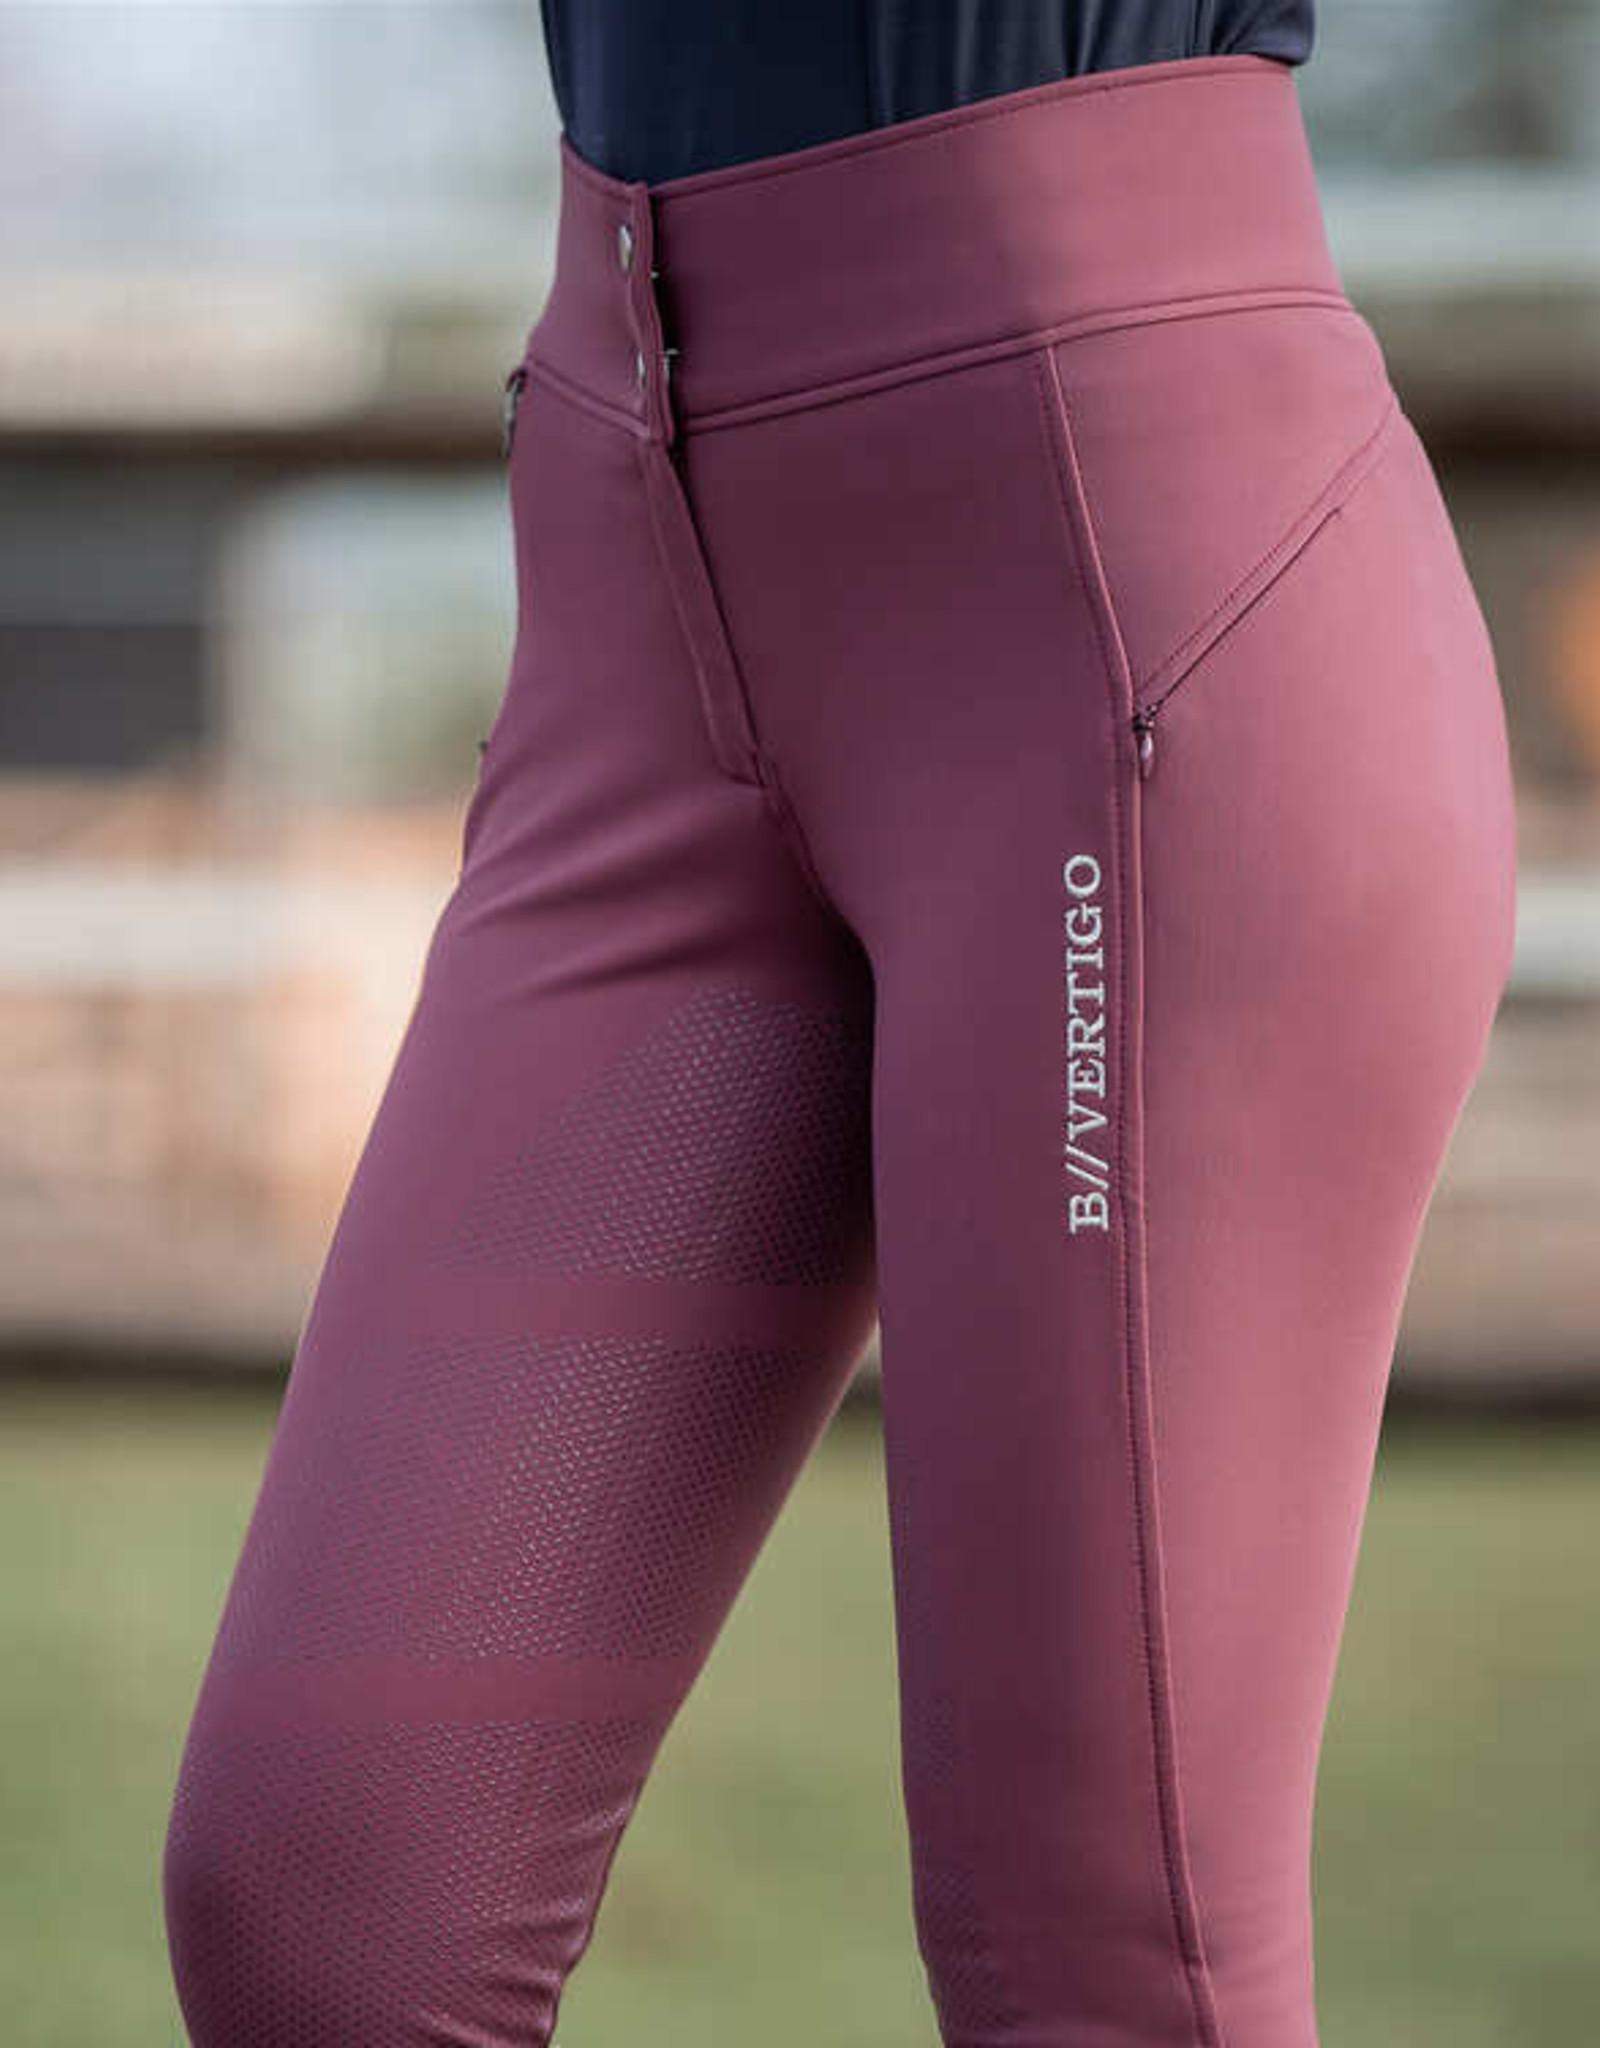 B VERTIGO Justine Women's Thermo Silicone Full Seat Breeches